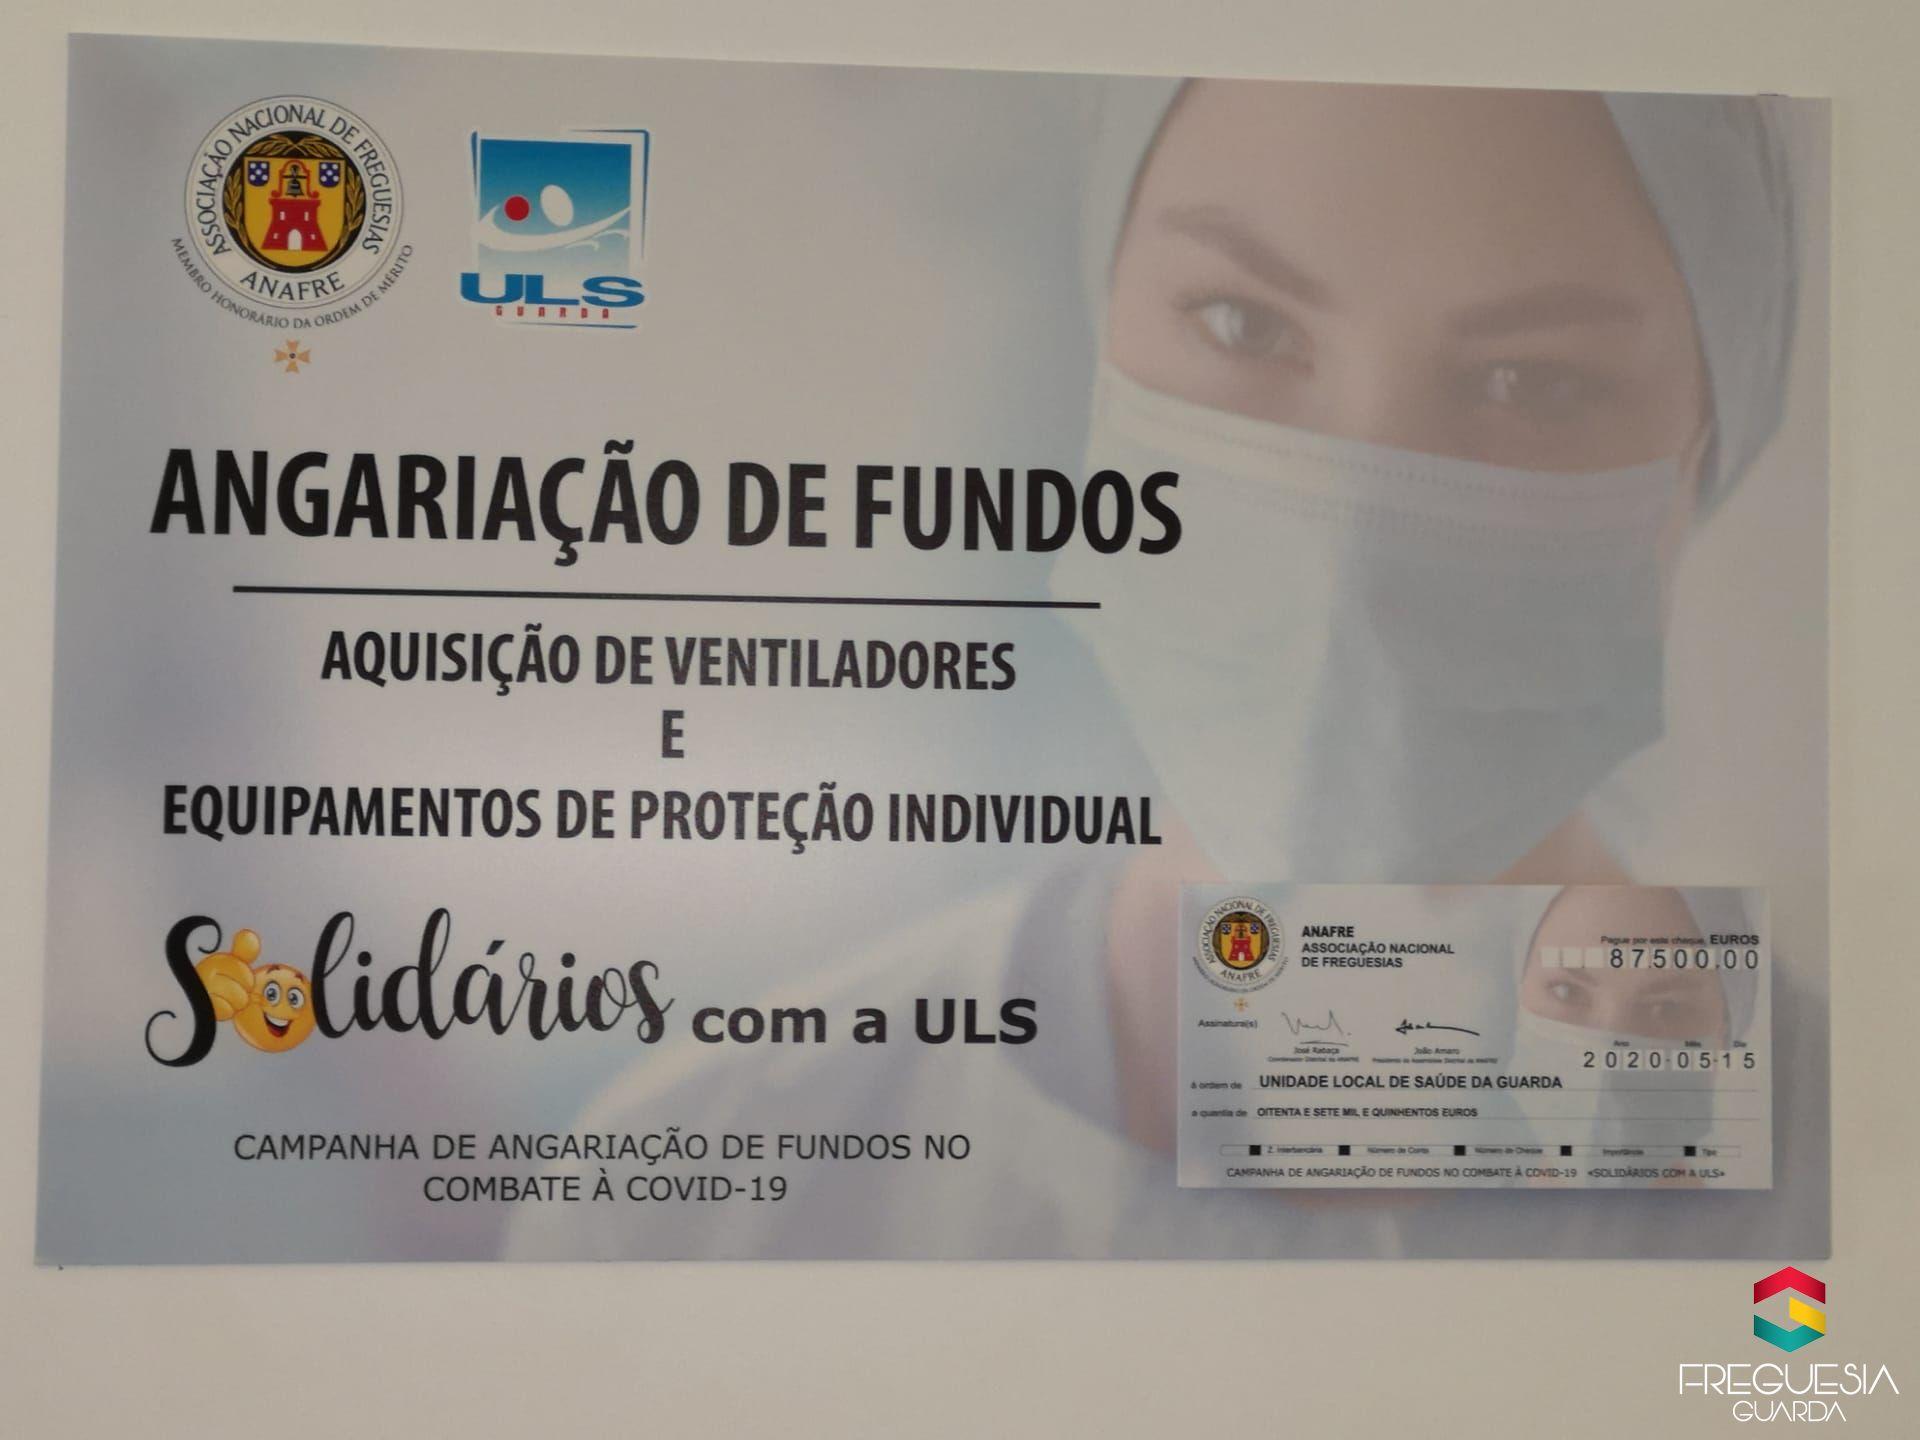 Campanha de Angariação de Fundos para ULS